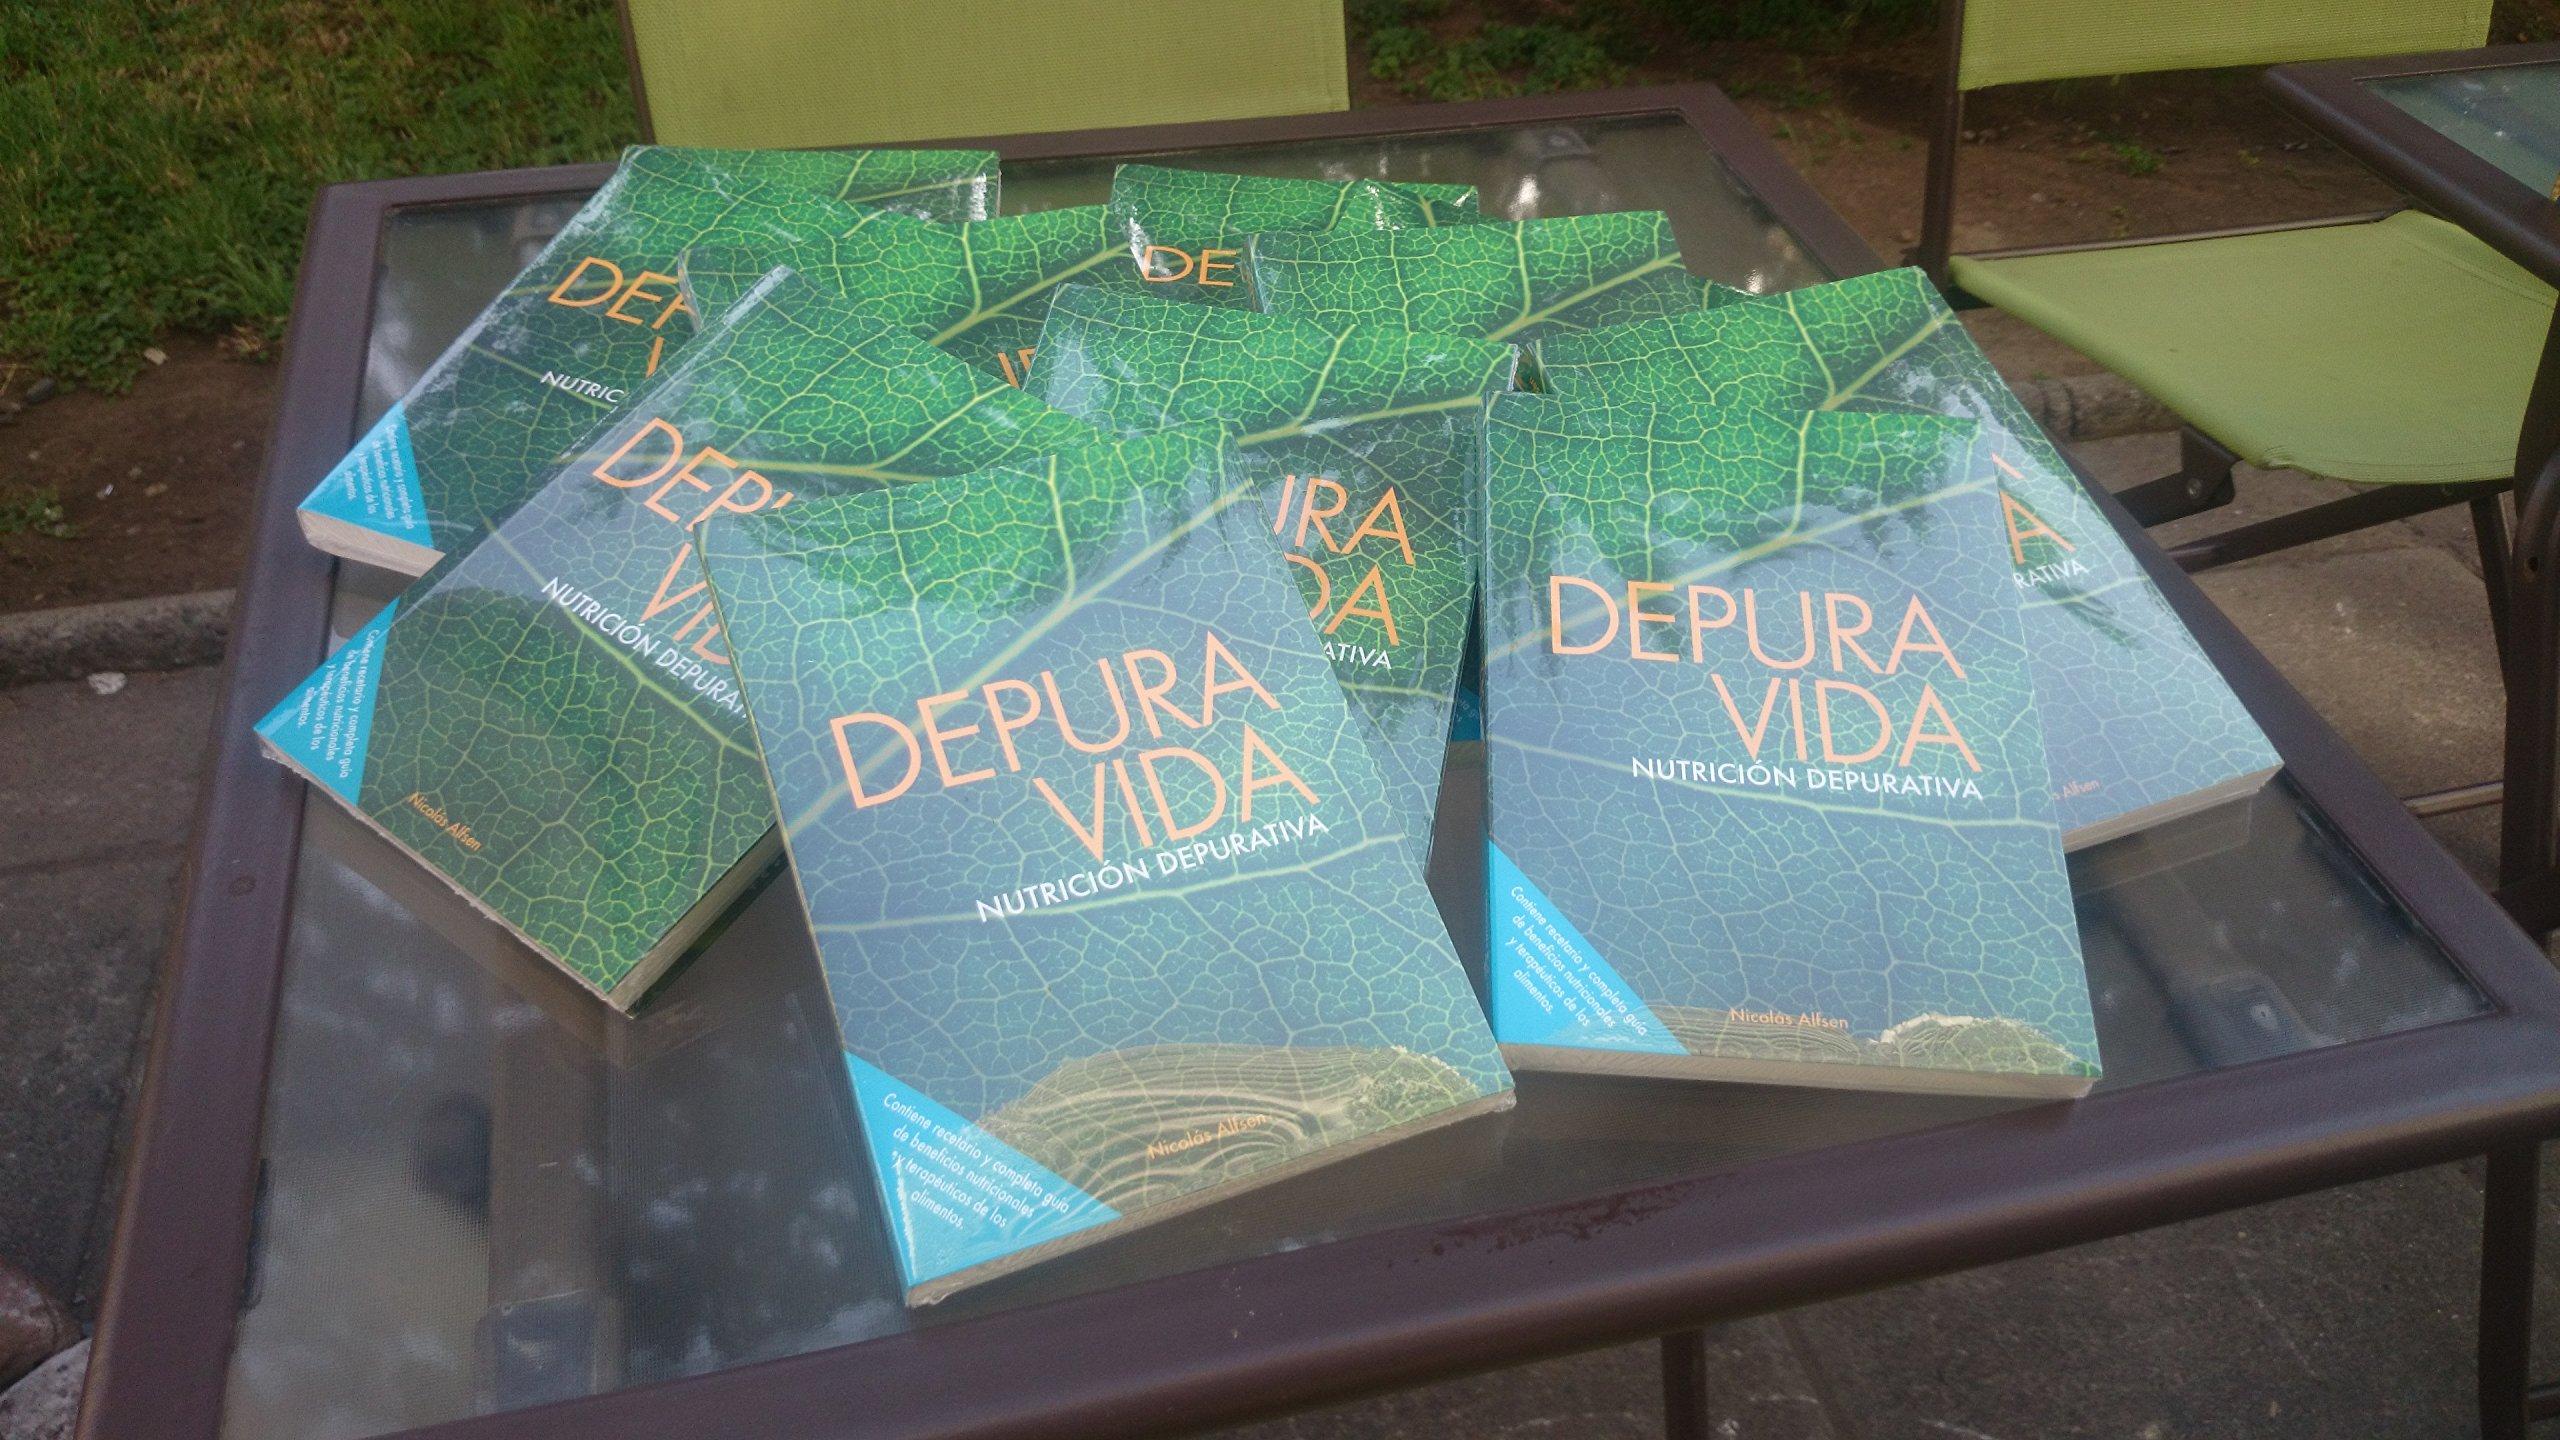 Depura Vida, Nutrición Depurativa: Nicolas Alfsen, PM Ediciones: 9789563581324: Amazon.com: Books